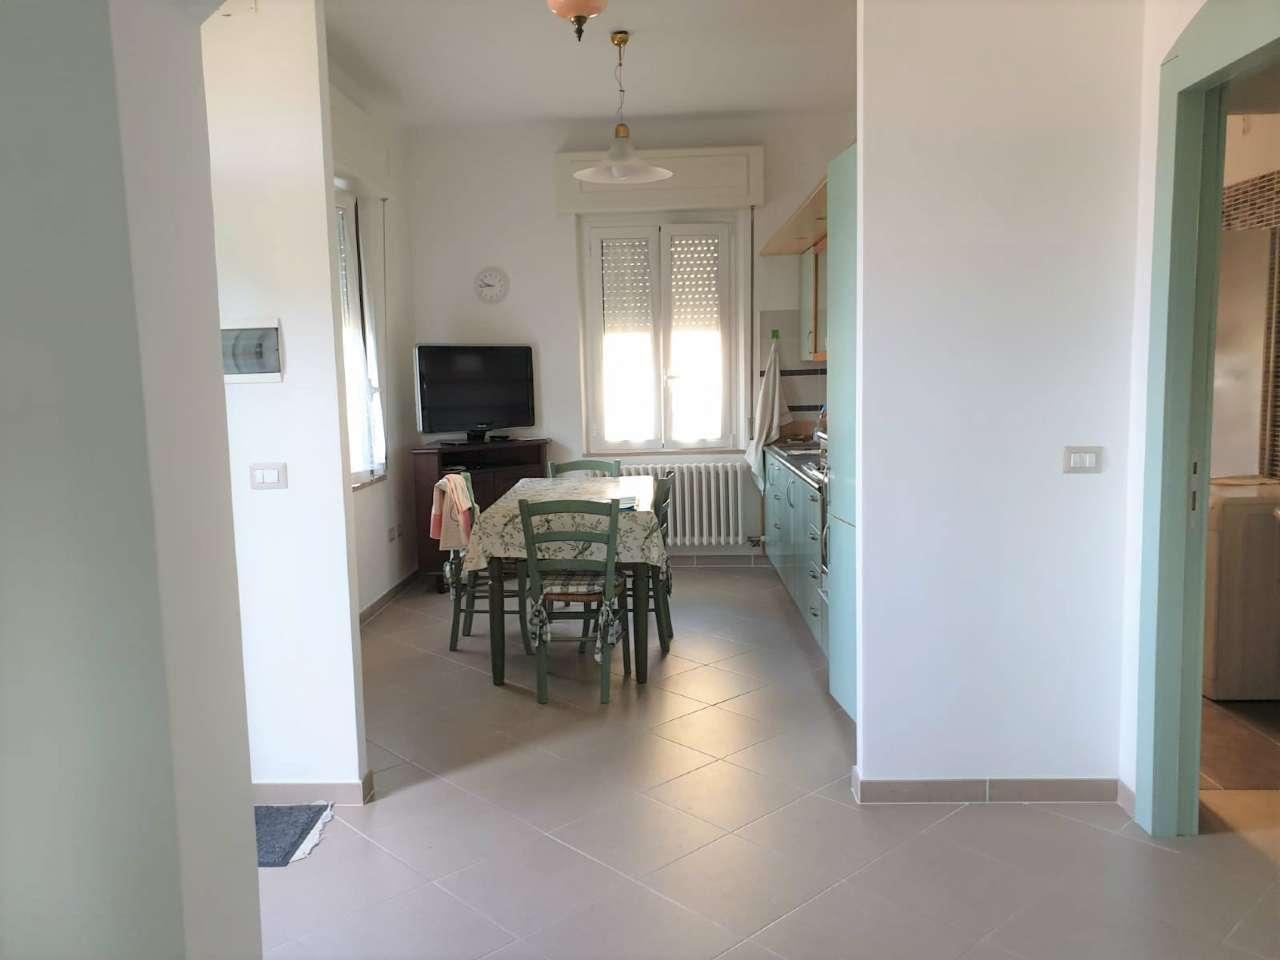 Appartamento in vendita a Agugliano, 4 locali, prezzo € 133.000 | PortaleAgenzieImmobiliari.it